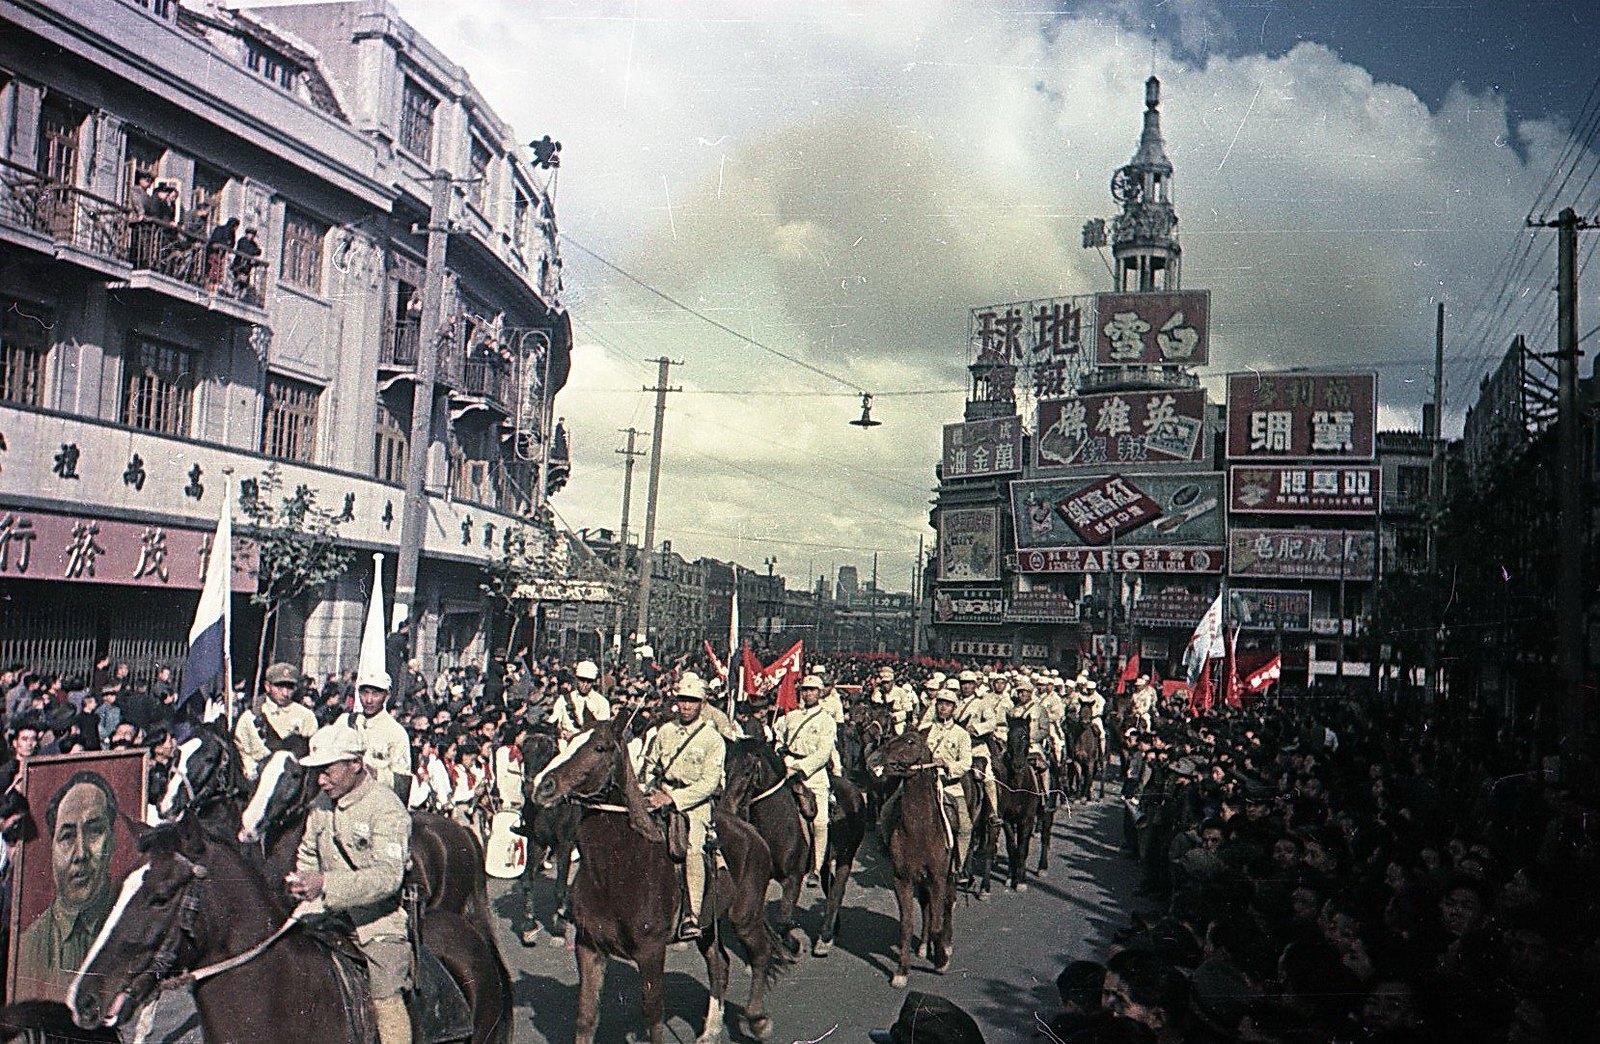 1949. Шанхай. Встреча войск Народно-освободительной армии Китая